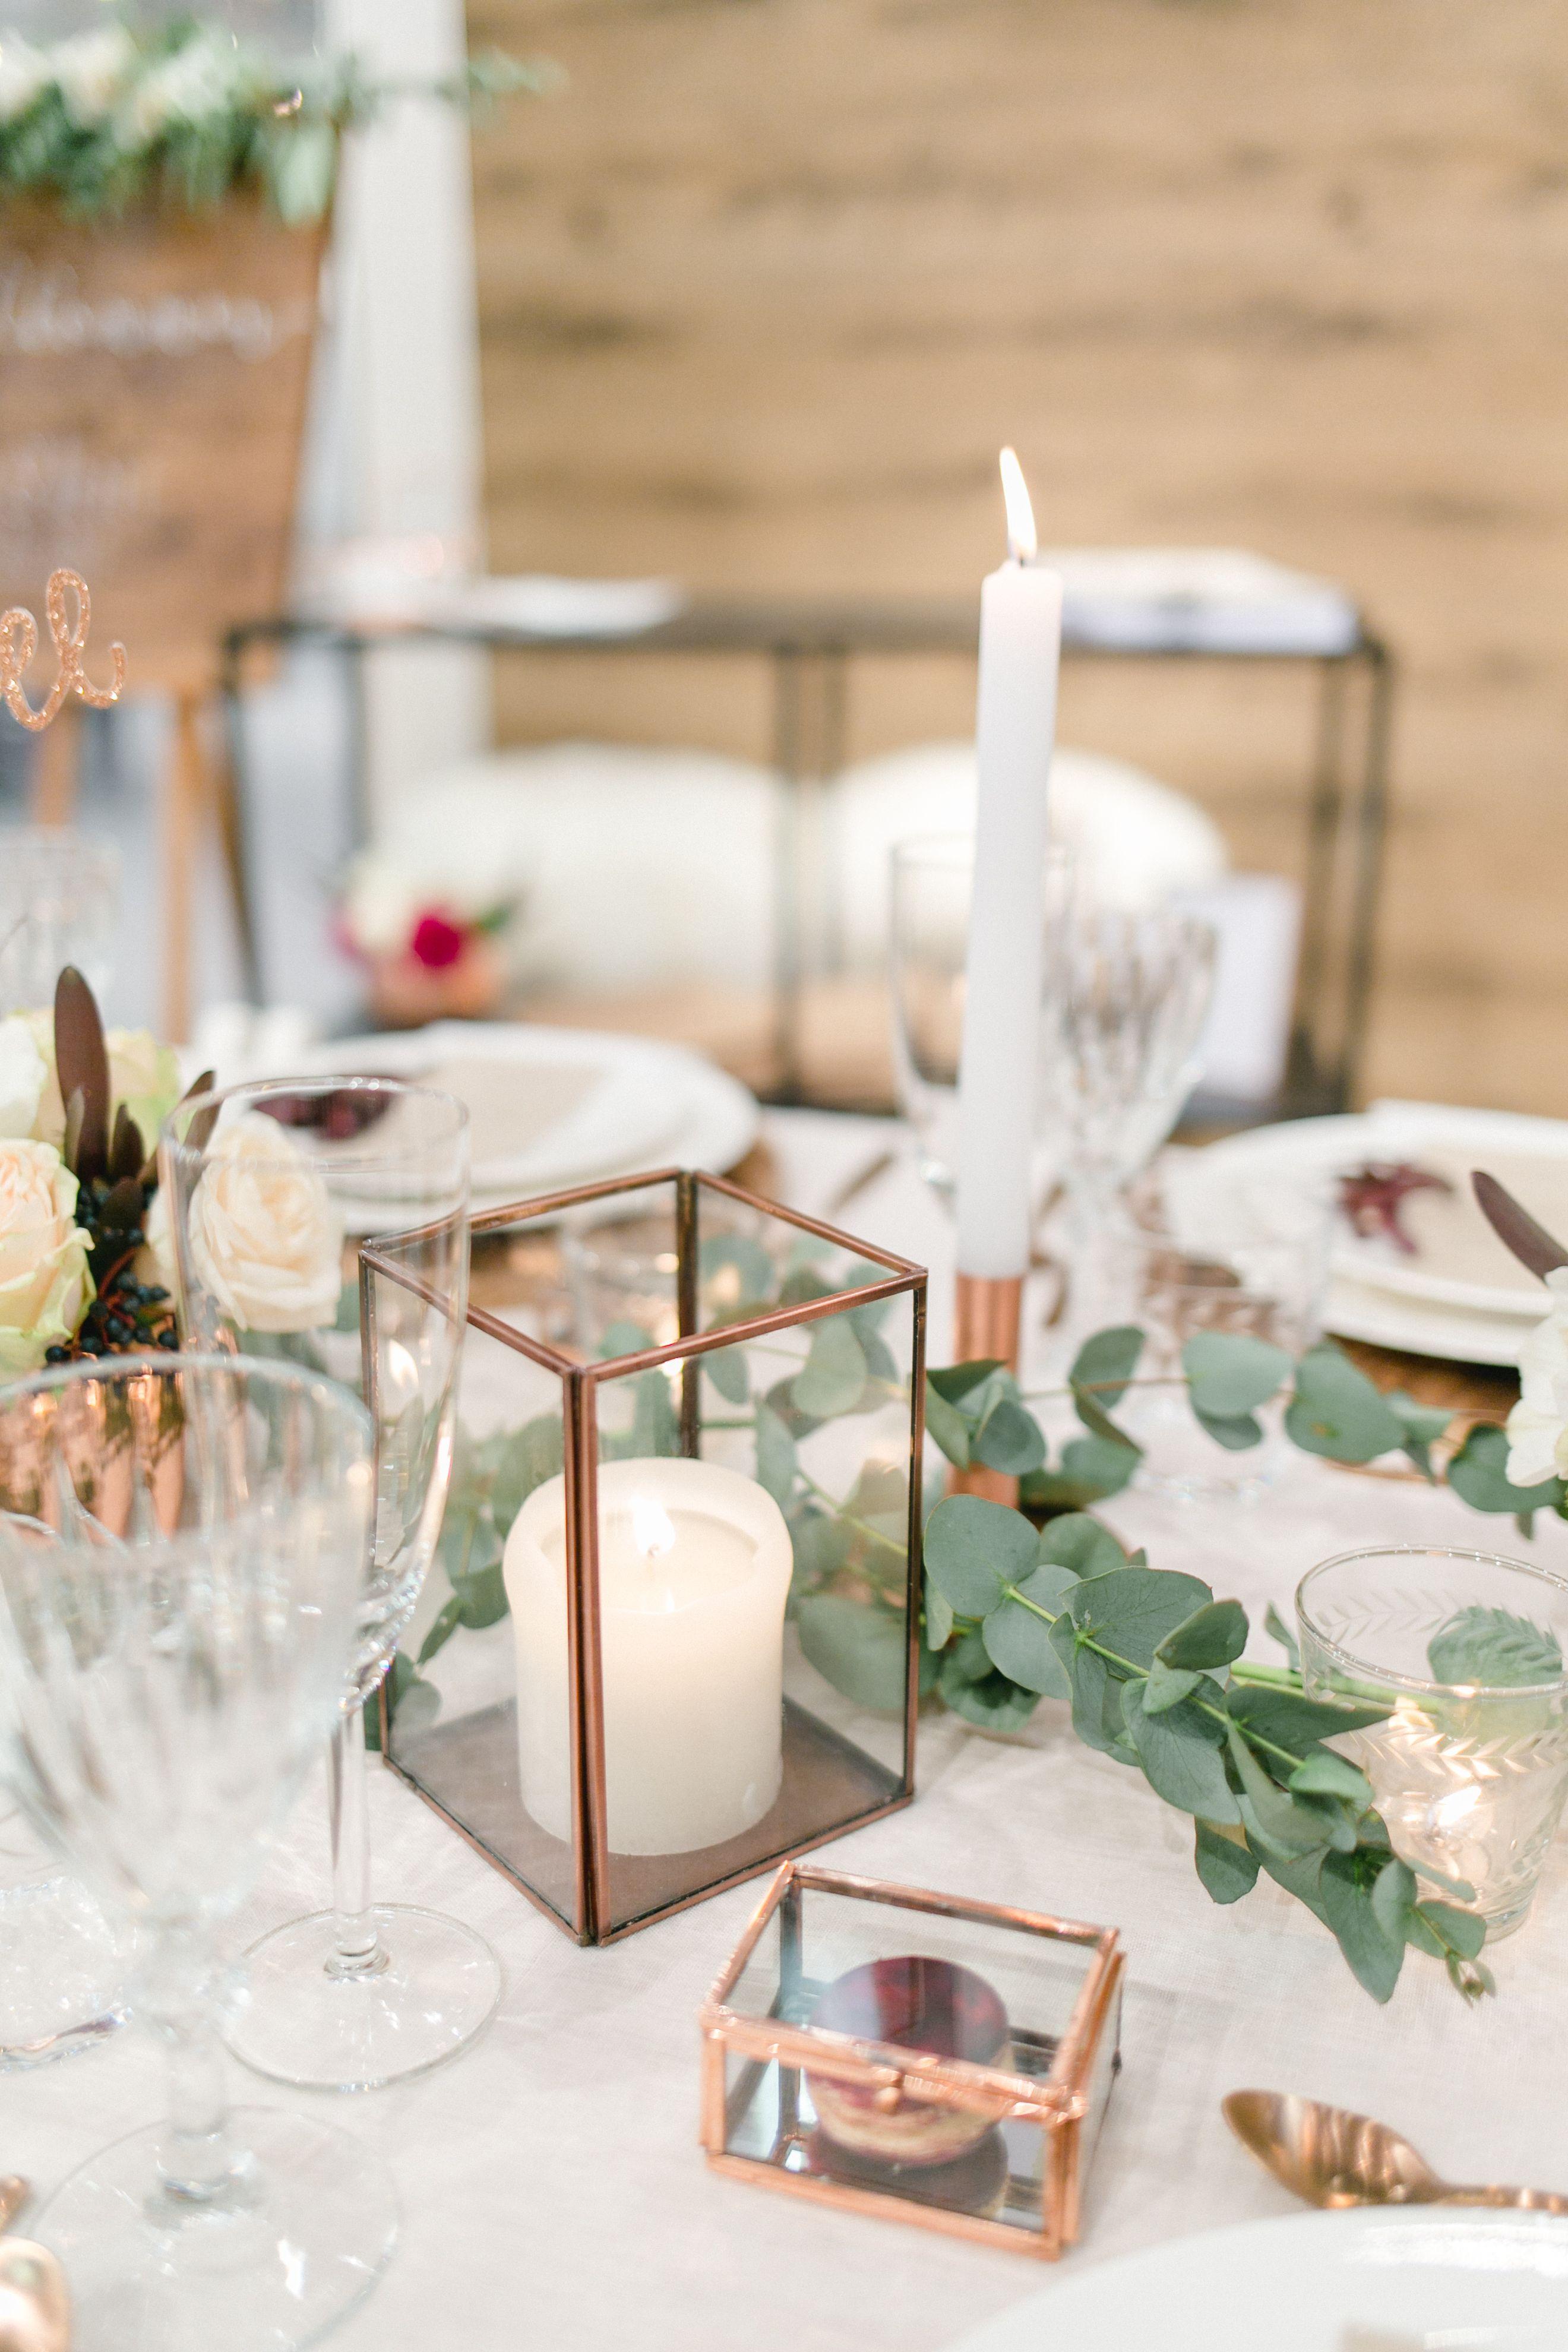 Dekoration  Tischdeko  Kupfer  rustikal  Hochzeit